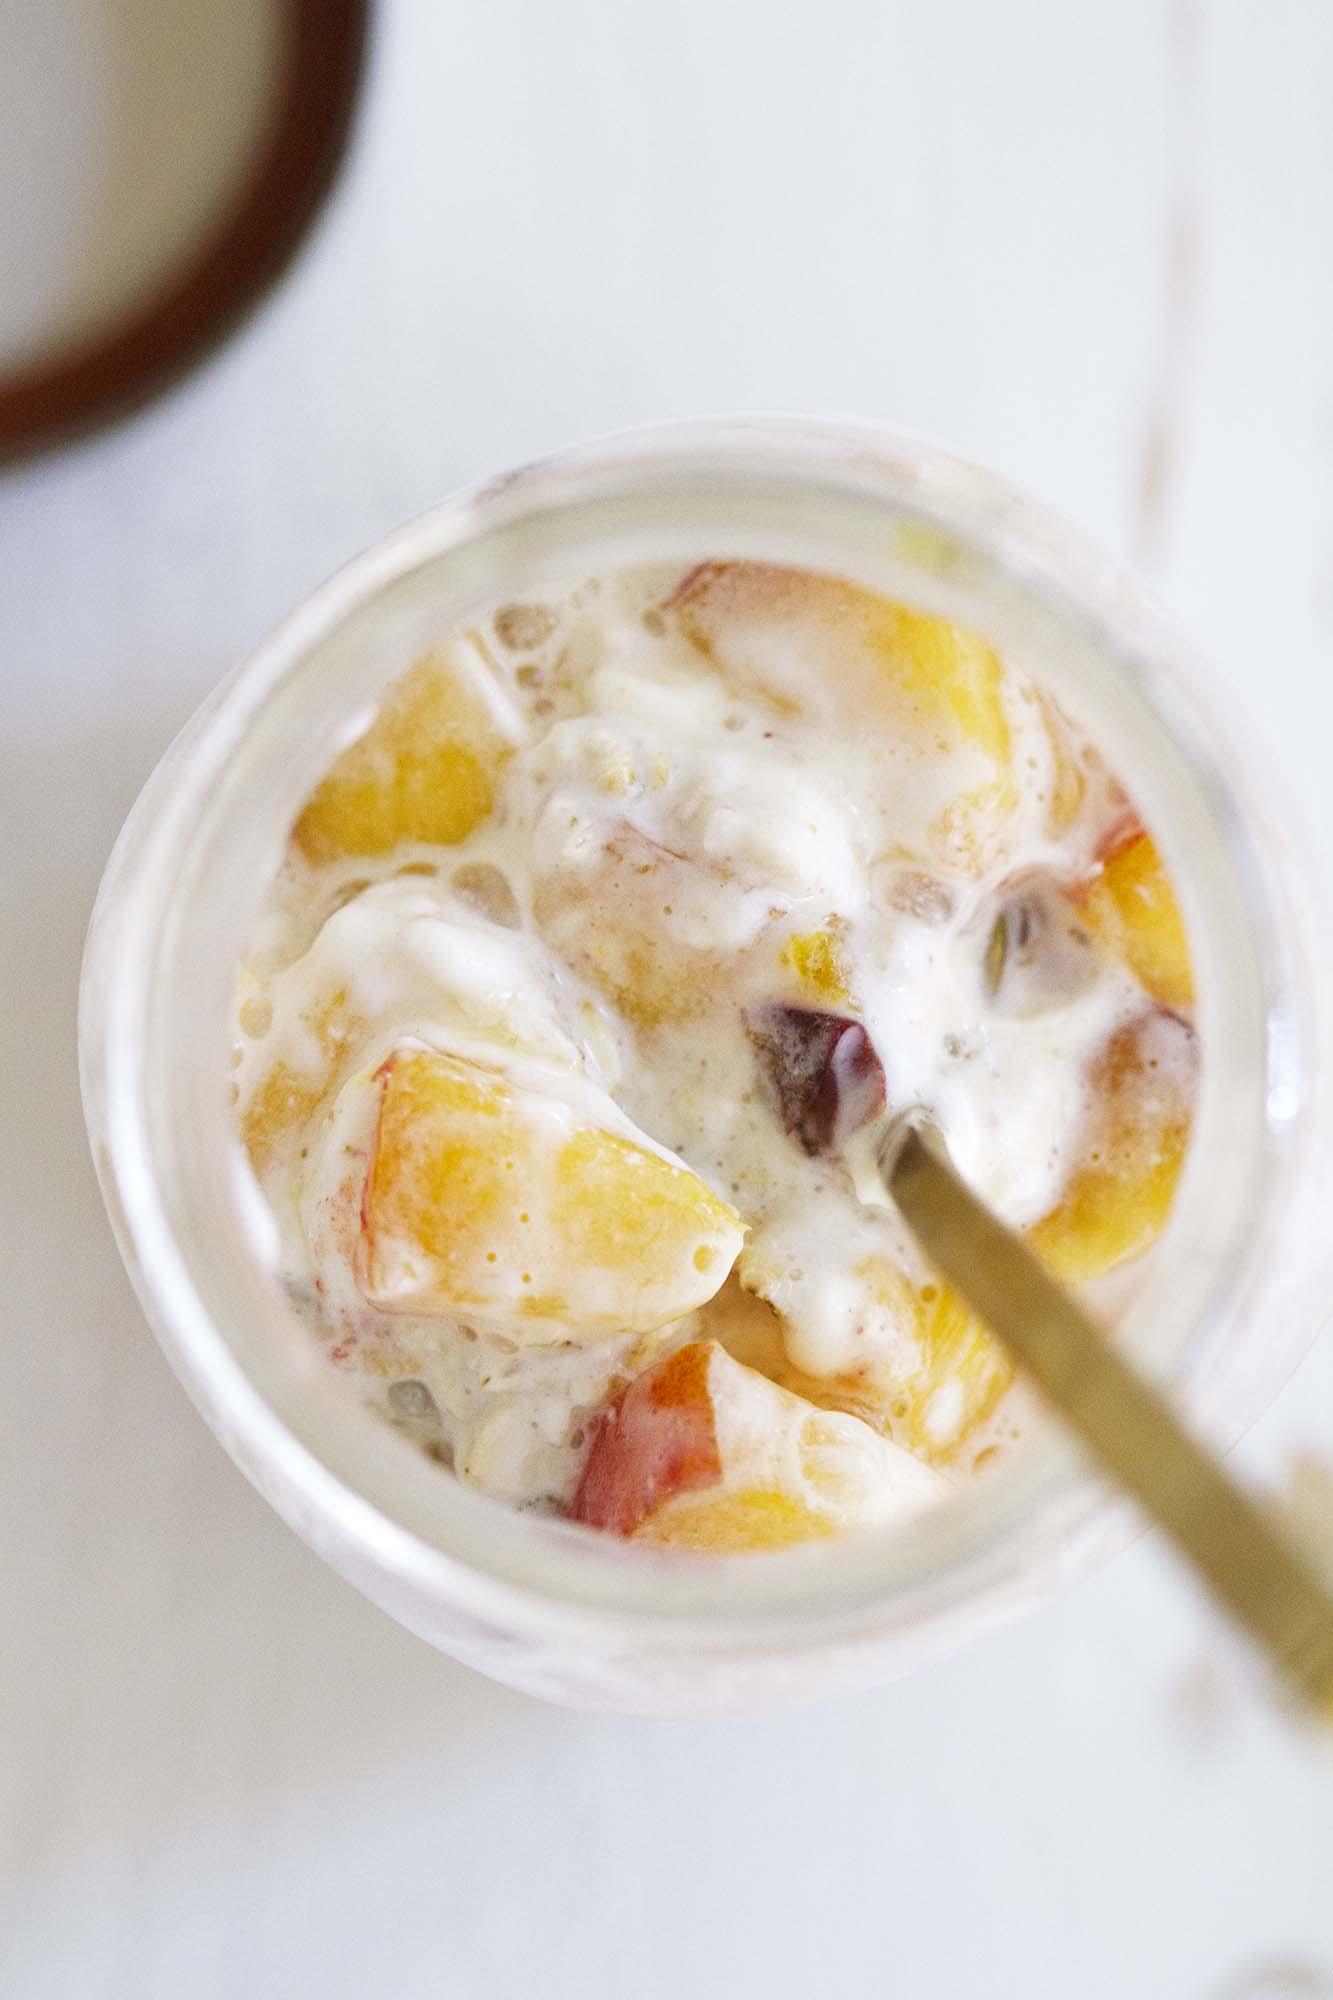 Peaches and Cream Overnight Oats | girlversusdough.com @girlversusdough